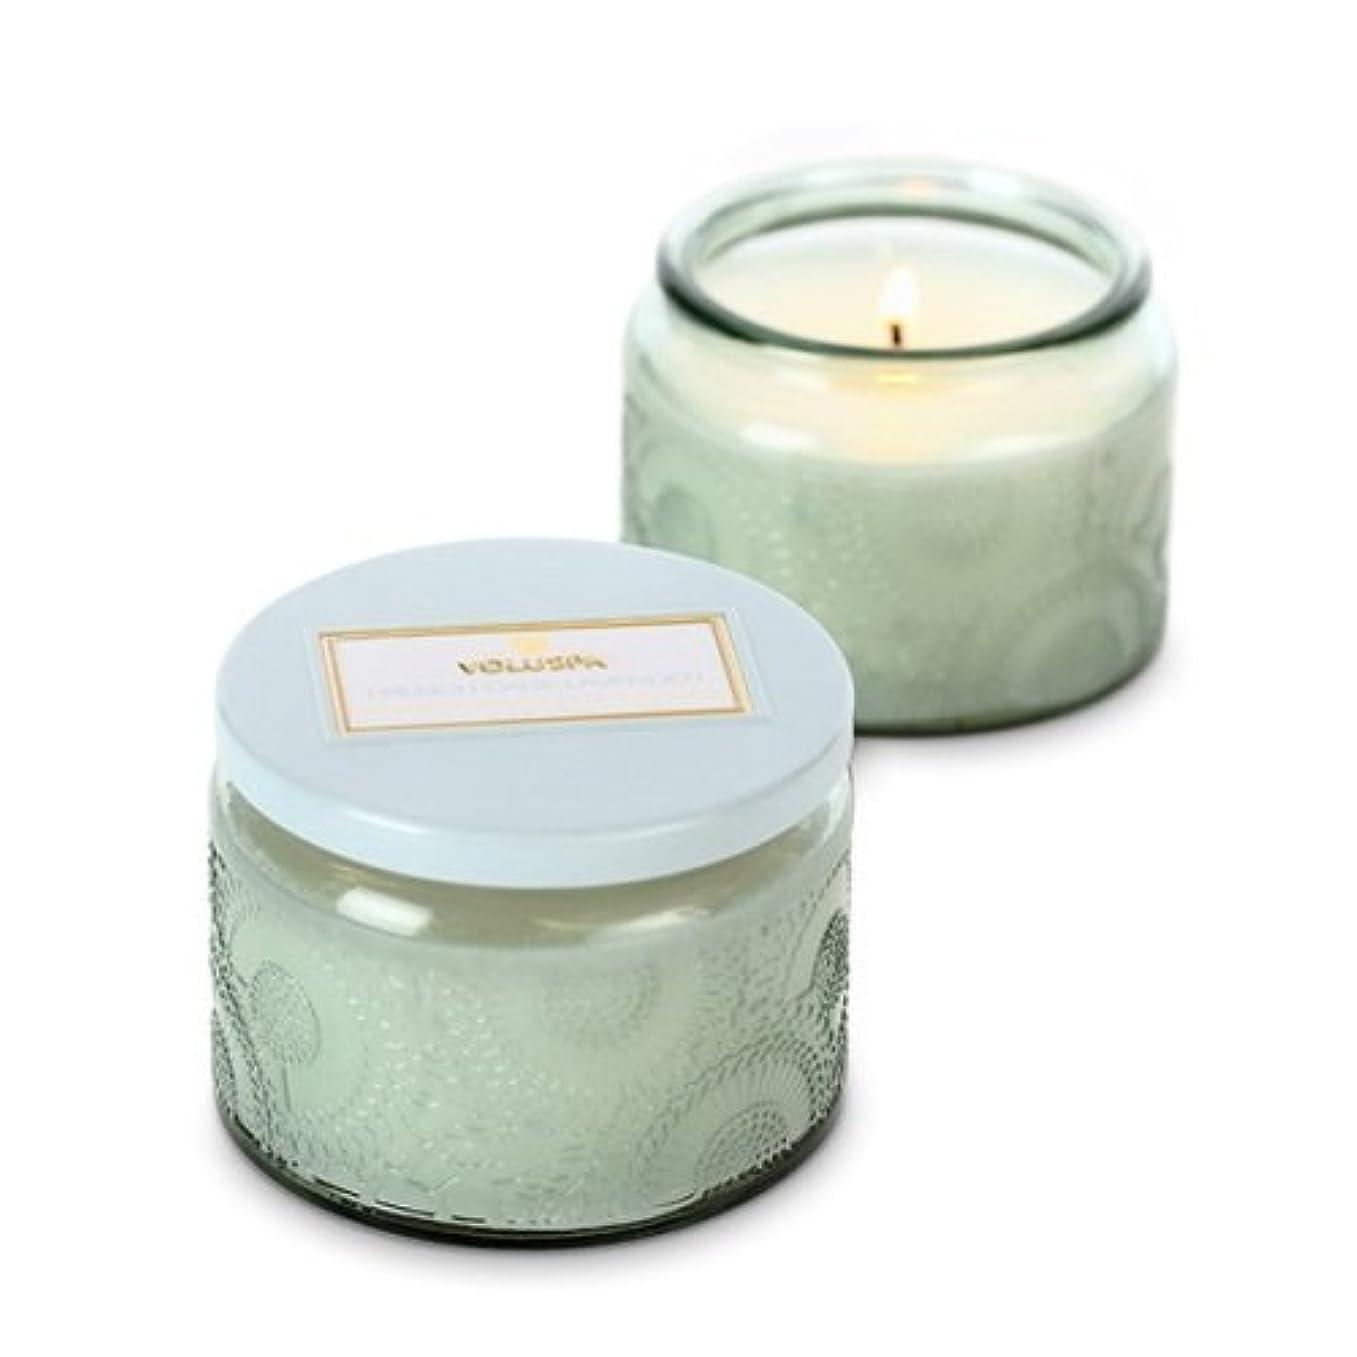 クリスチャン基準怒りVoluspa ボルスパ ジャポニカ グラスジャーキャンドル S フレンチケード&ラベンダー JAPONICA Glass jar candle FRENCH CADE LAVENDER